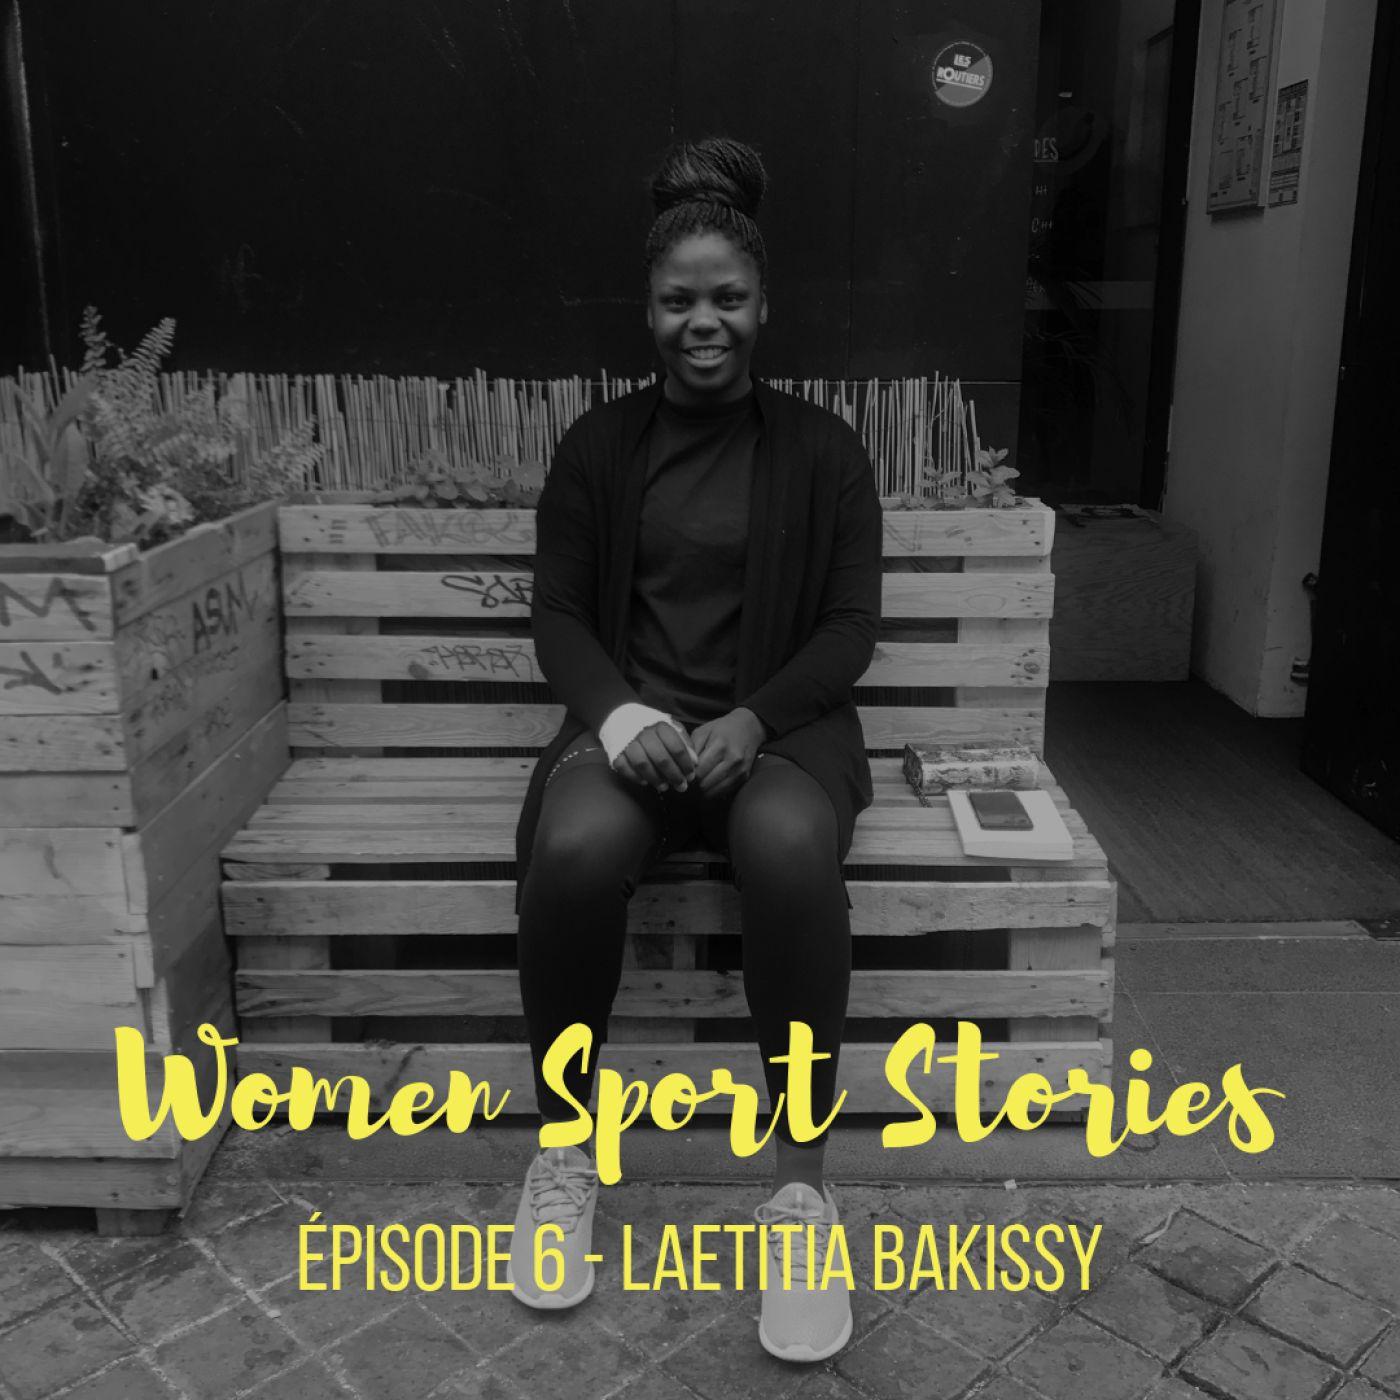 Episode 6 : Laetitia Bakissy